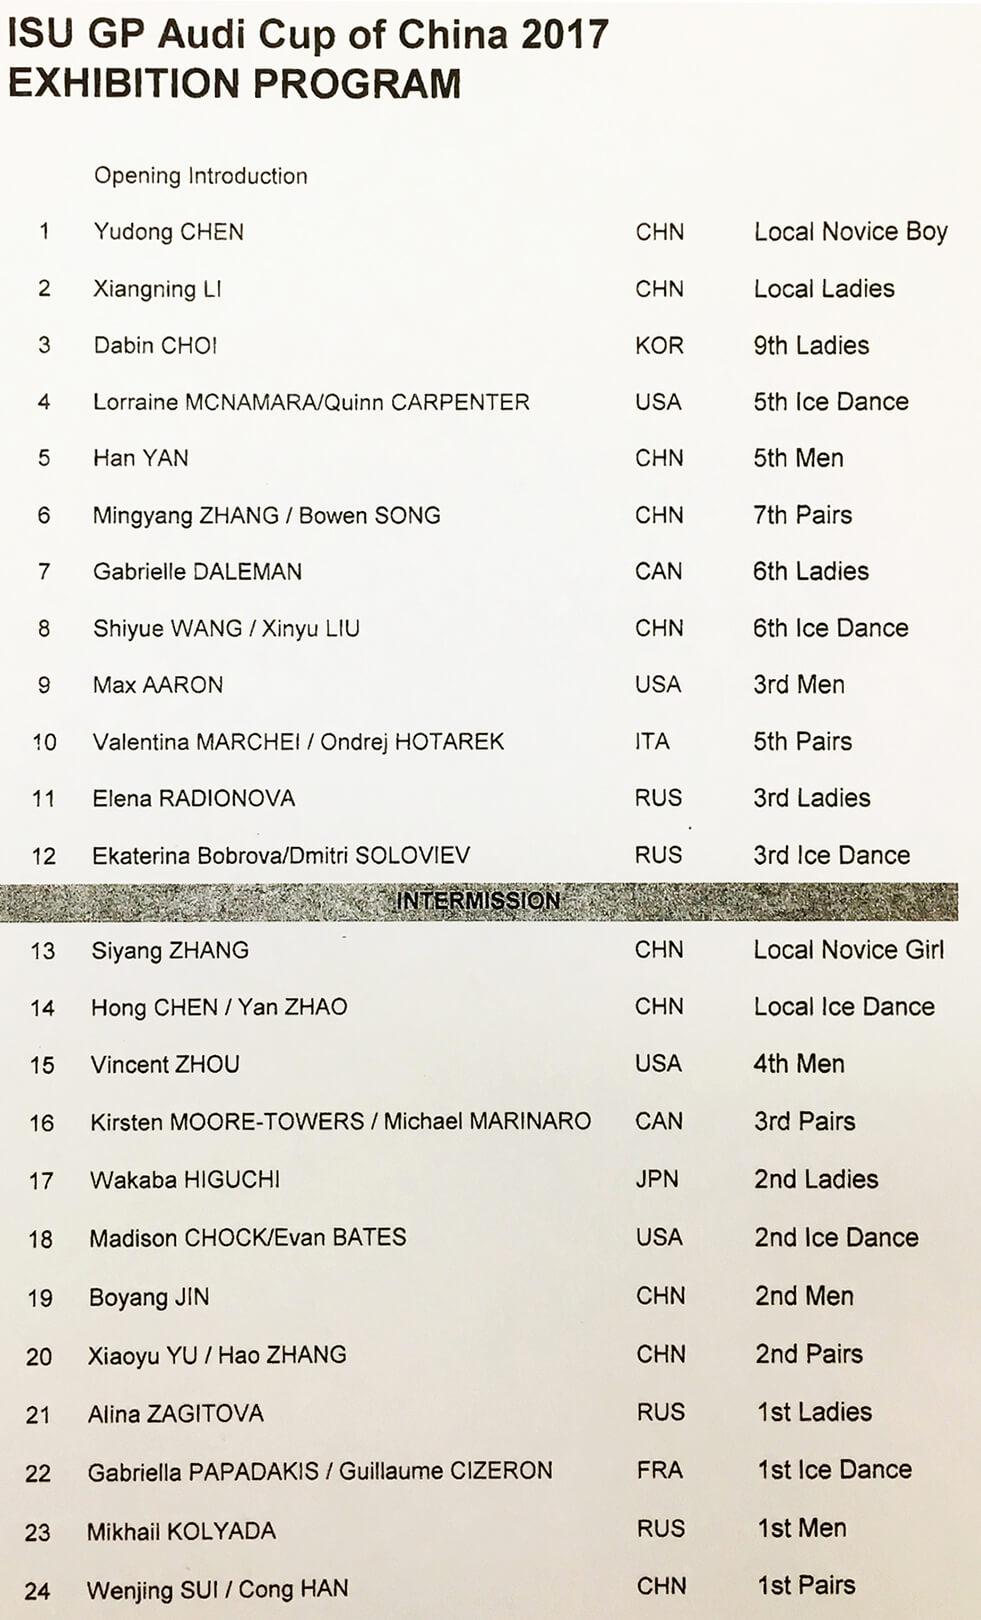 グランプリシリーズ 中国杯